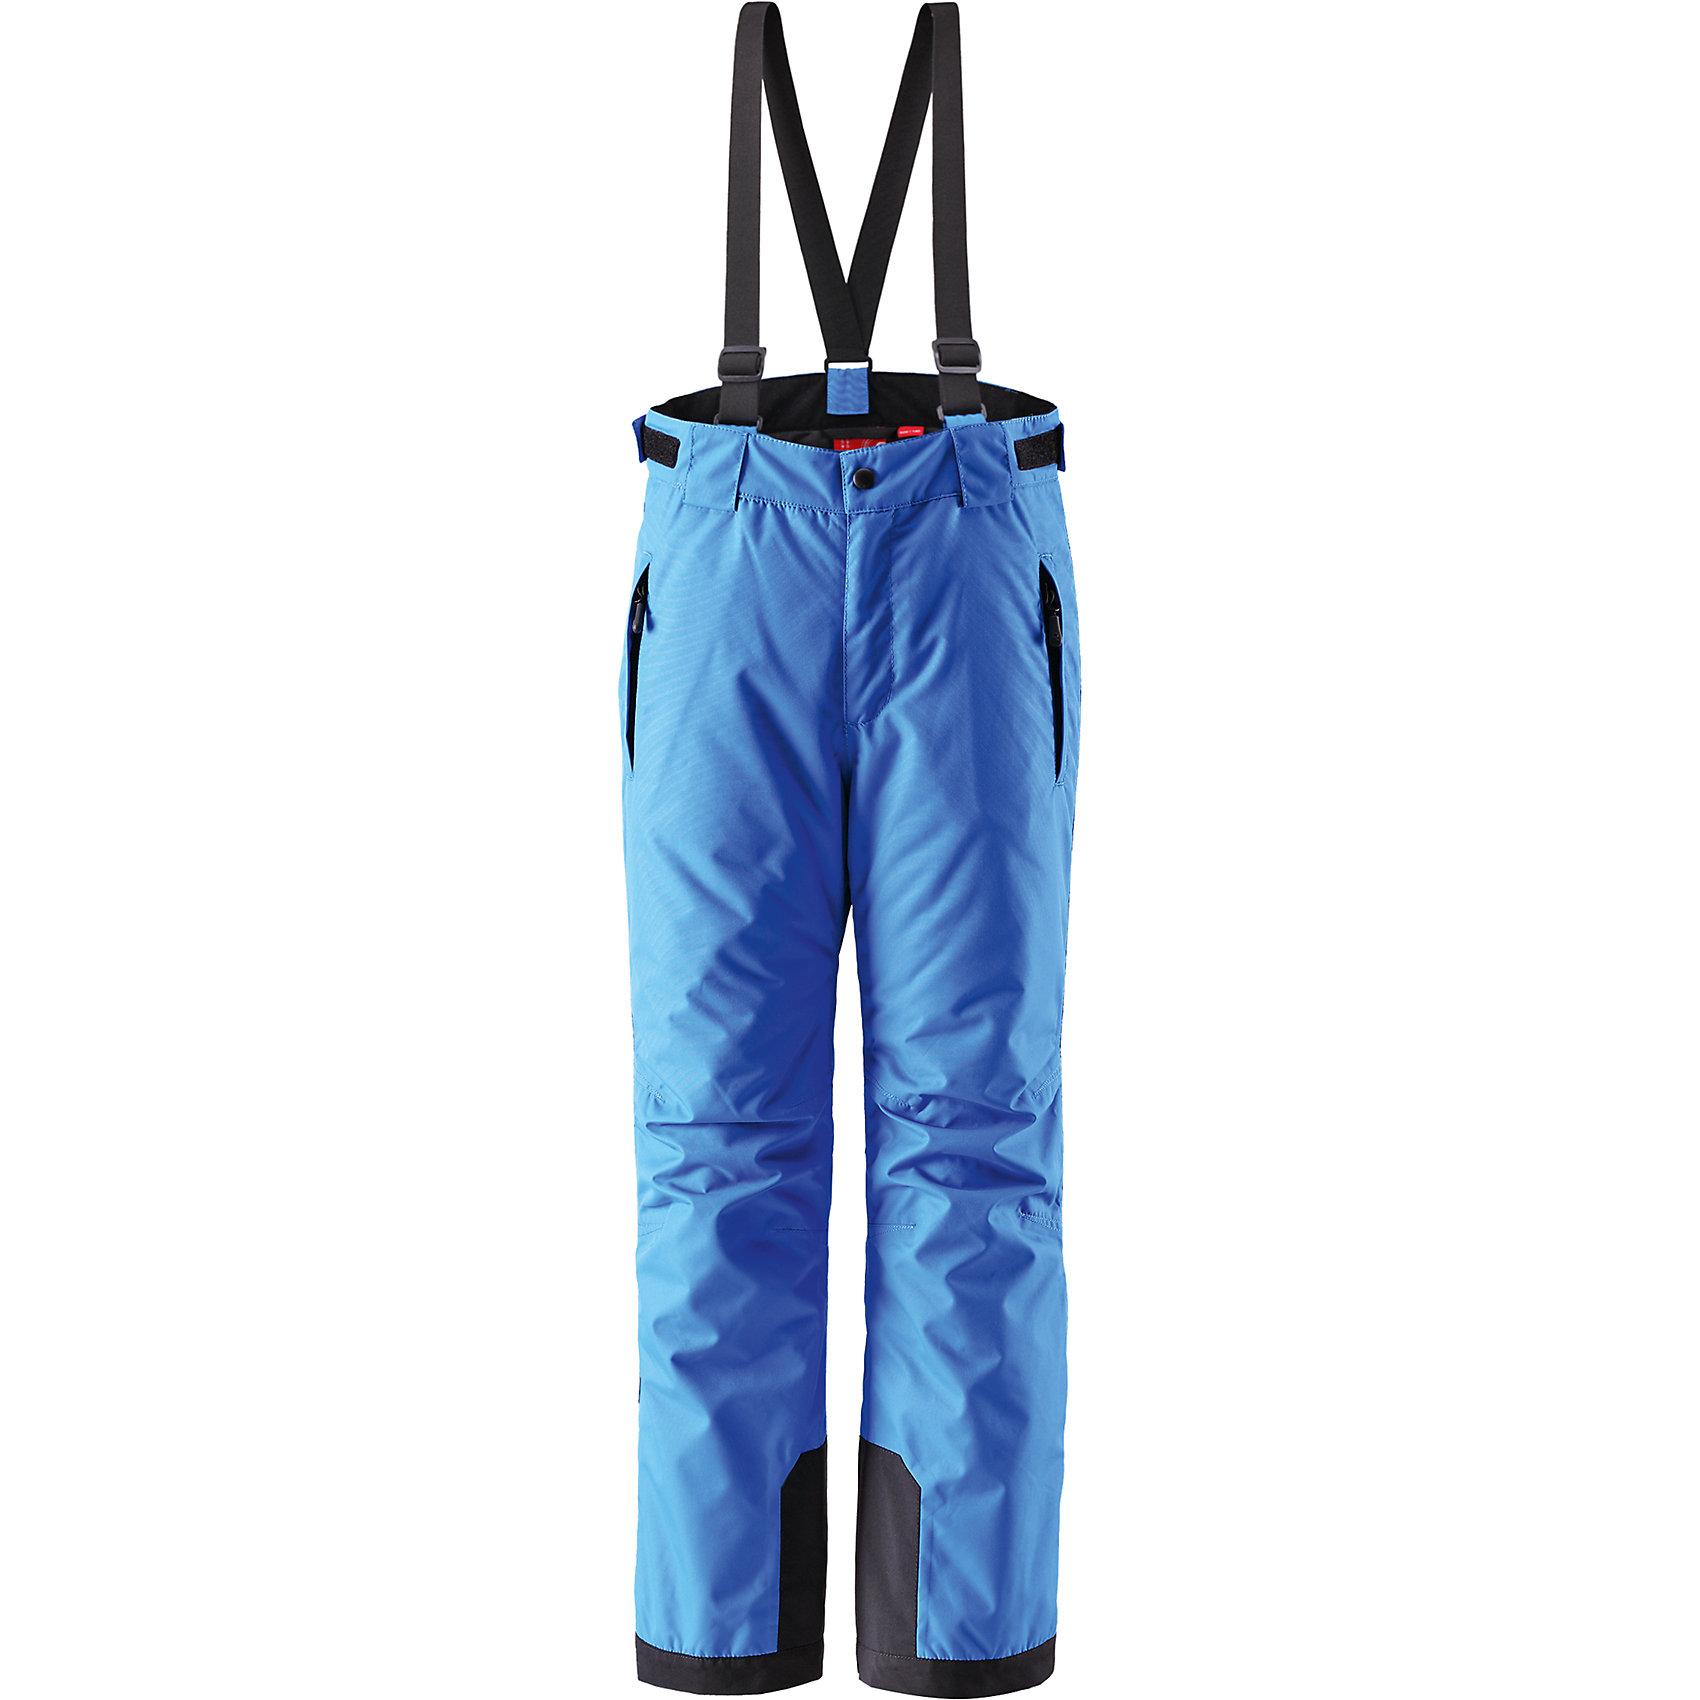 Брюки Takeoff  для мальчика ReimaБрюки  Reima<br>Зимние брюки для подростков. Основные швы проклеены и не пропускают влагу. Прочные усиленные вставки внизу брючин. Водо- и ветронепроницаемый, «дышащий» и грязеотталкивающий материал. Прямой крой. Гладкая подкладка из полиэстра. Регулируемый обхват талии. Снегозащитные манжеты на штанинах. Новая усовершенствованная молния — больше не застревает! Карманы на молнии. Регулируемые и отстегивающиеся эластичные подтяжки.<br>Утеплитель: Reima® Flex insulation,100 g<br>Уход:<br>Стирать по отдельности, вывернув наизнанку. Застегнуть молнии и липучки. Стирать моющим средством, не содержащим отбеливающие вещества. Полоскать без специального средства. Во избежание изменения цвета изделие необходимо вынуть из стиральной машинки незамедлительно после окончания программы стирки. Сушить при низкой температуре.<br>Состав:<br>100% Полиамид, полиуретановое покрытие<br><br>Ширина мм: 215<br>Глубина мм: 88<br>Высота мм: 191<br>Вес г: 336<br>Цвет: голубой<br>Возраст от месяцев: 144<br>Возраст до месяцев: 156<br>Пол: Мужской<br>Возраст: Детский<br>Размер: 158,164,104,110,116,122,128,134,140,146,152<br>SKU: 4778729